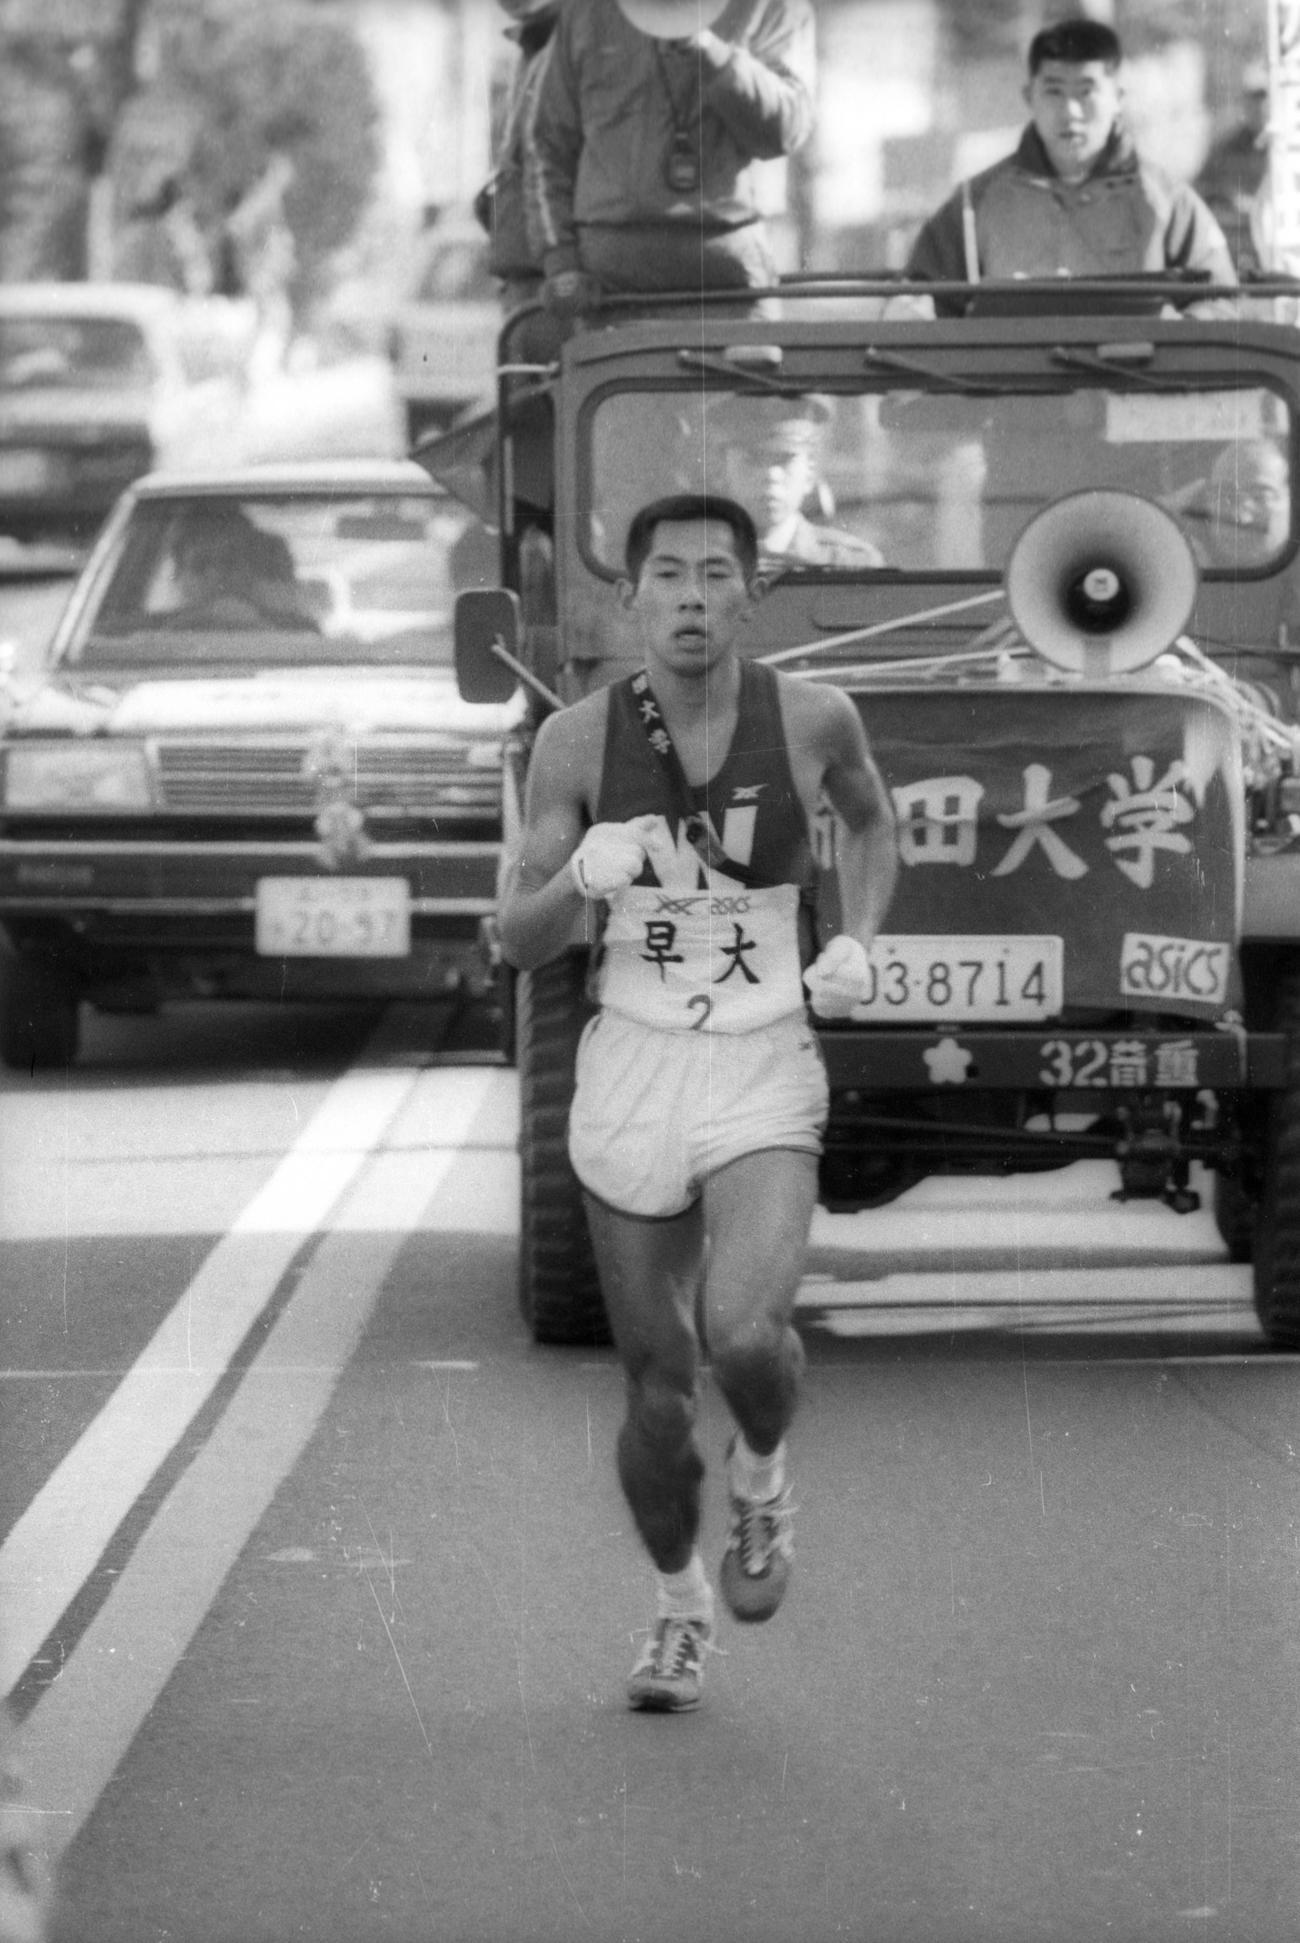 往路2区 3位でタスキをもらった早大・遠藤司(4年、区間2位)は、9秒差の東海大をあっという間に抜き、10キロを過ぎて日体大もかわしトップに躍り出る=1985年1月2日